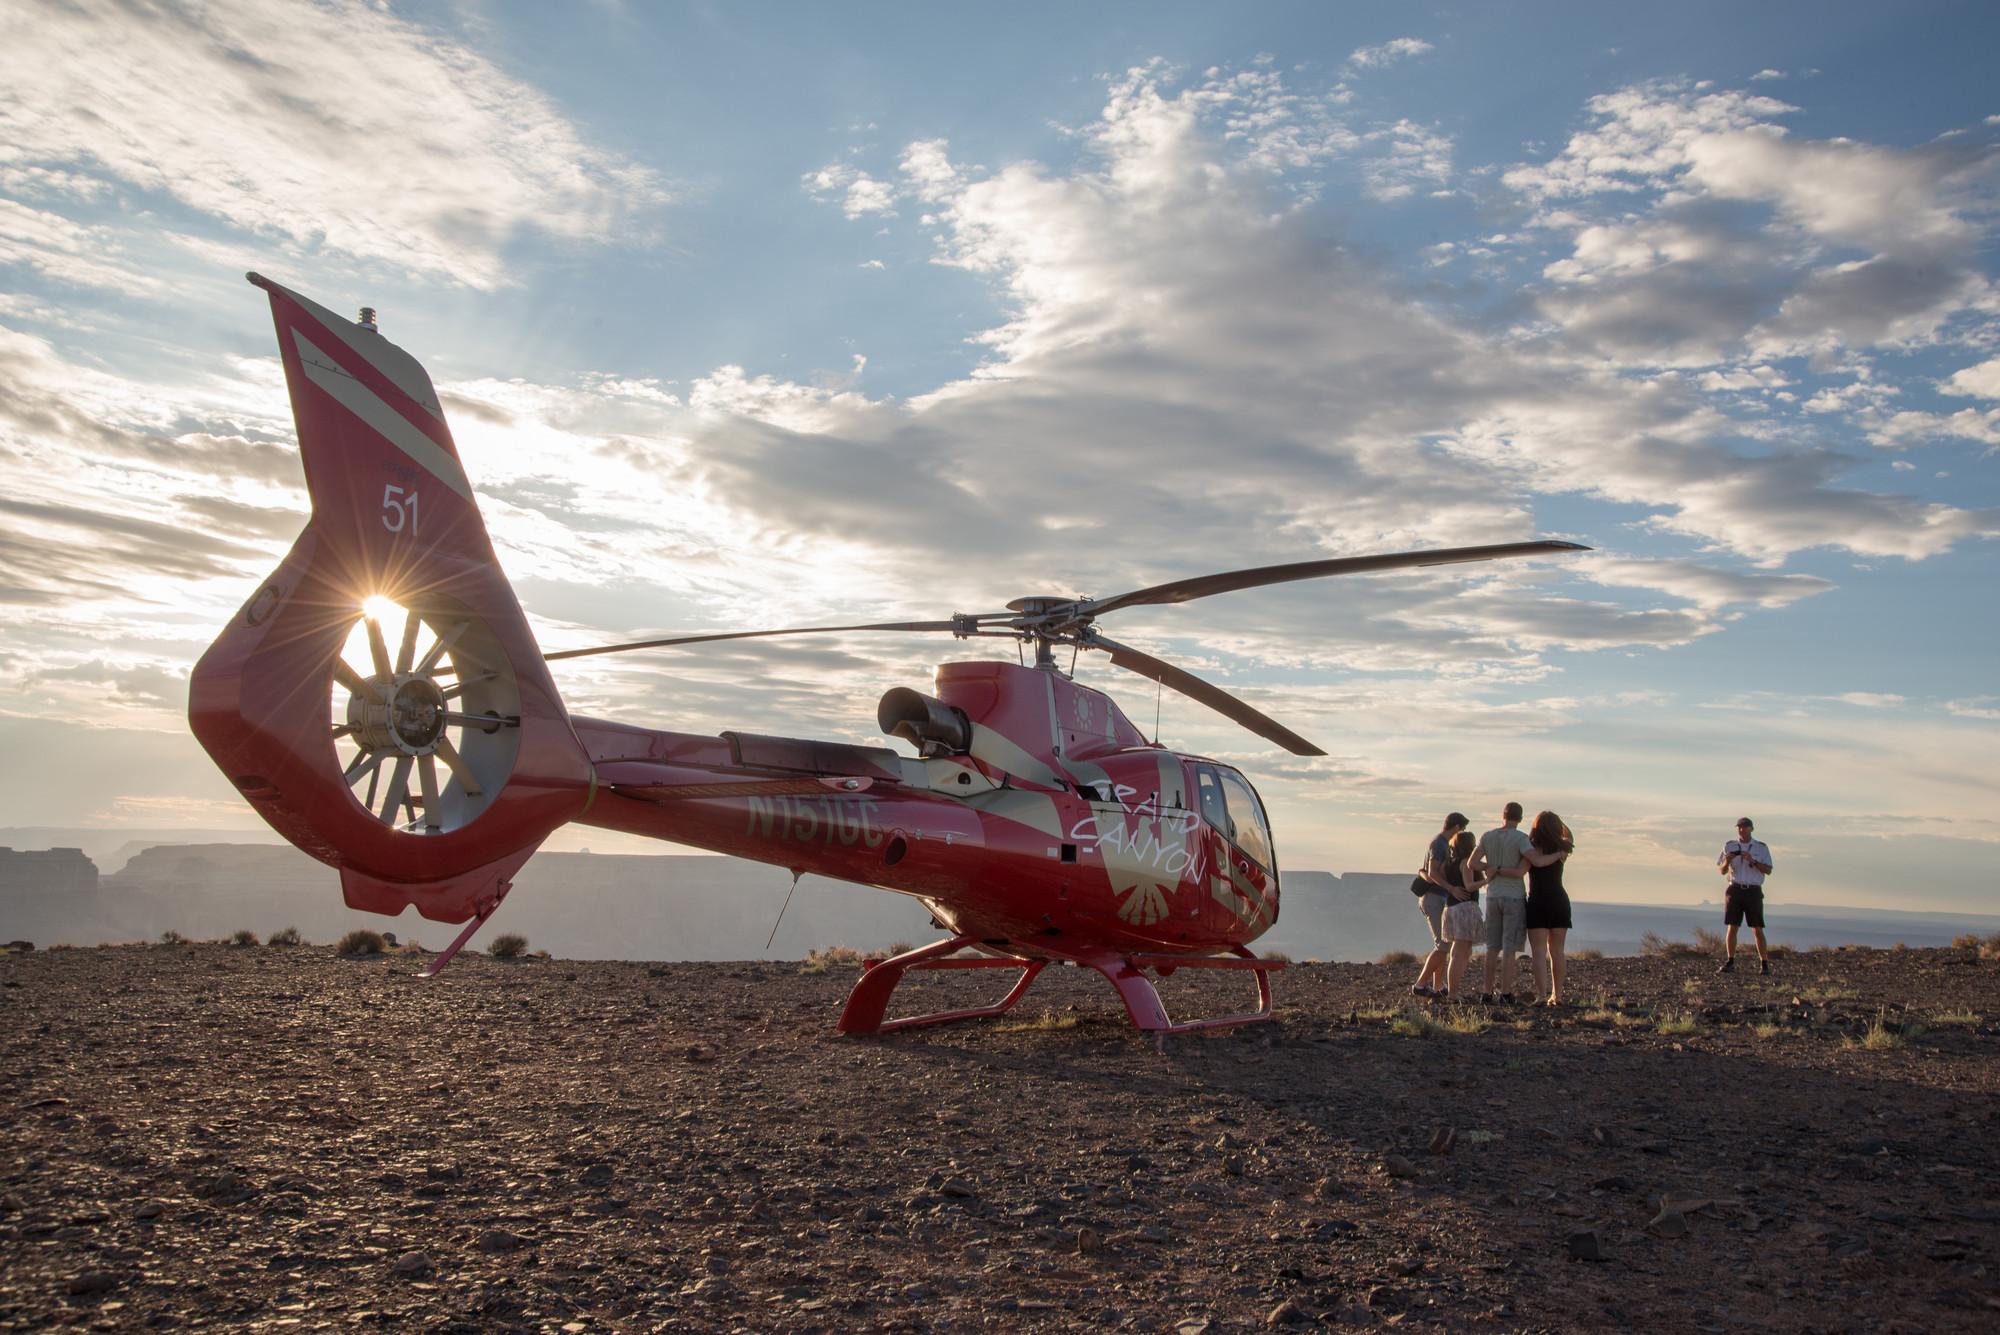 ヘリコプターで行く! タワービュート上陸 + ホースシューベンド空中鑑賞